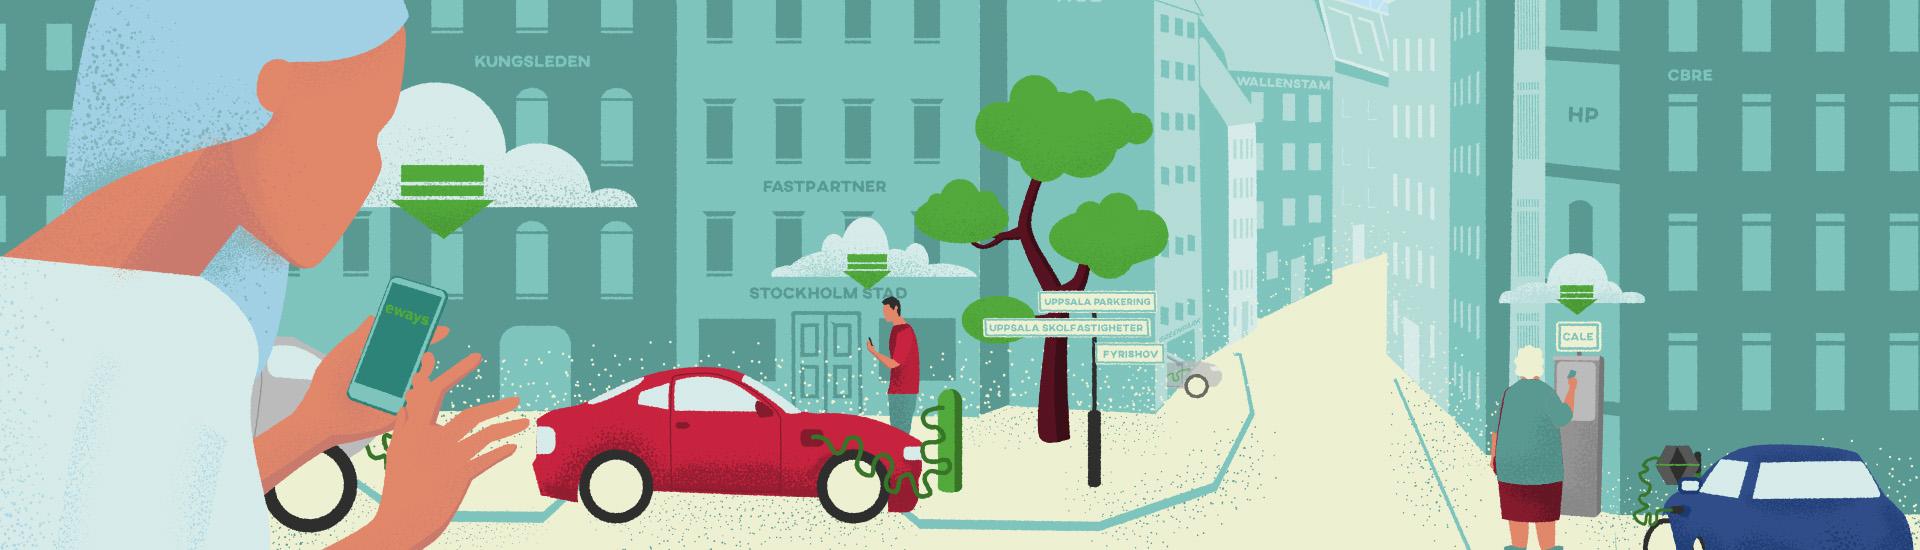 Elbilstorget Animation Informationsgrafik Produktionsbolag Stockholm